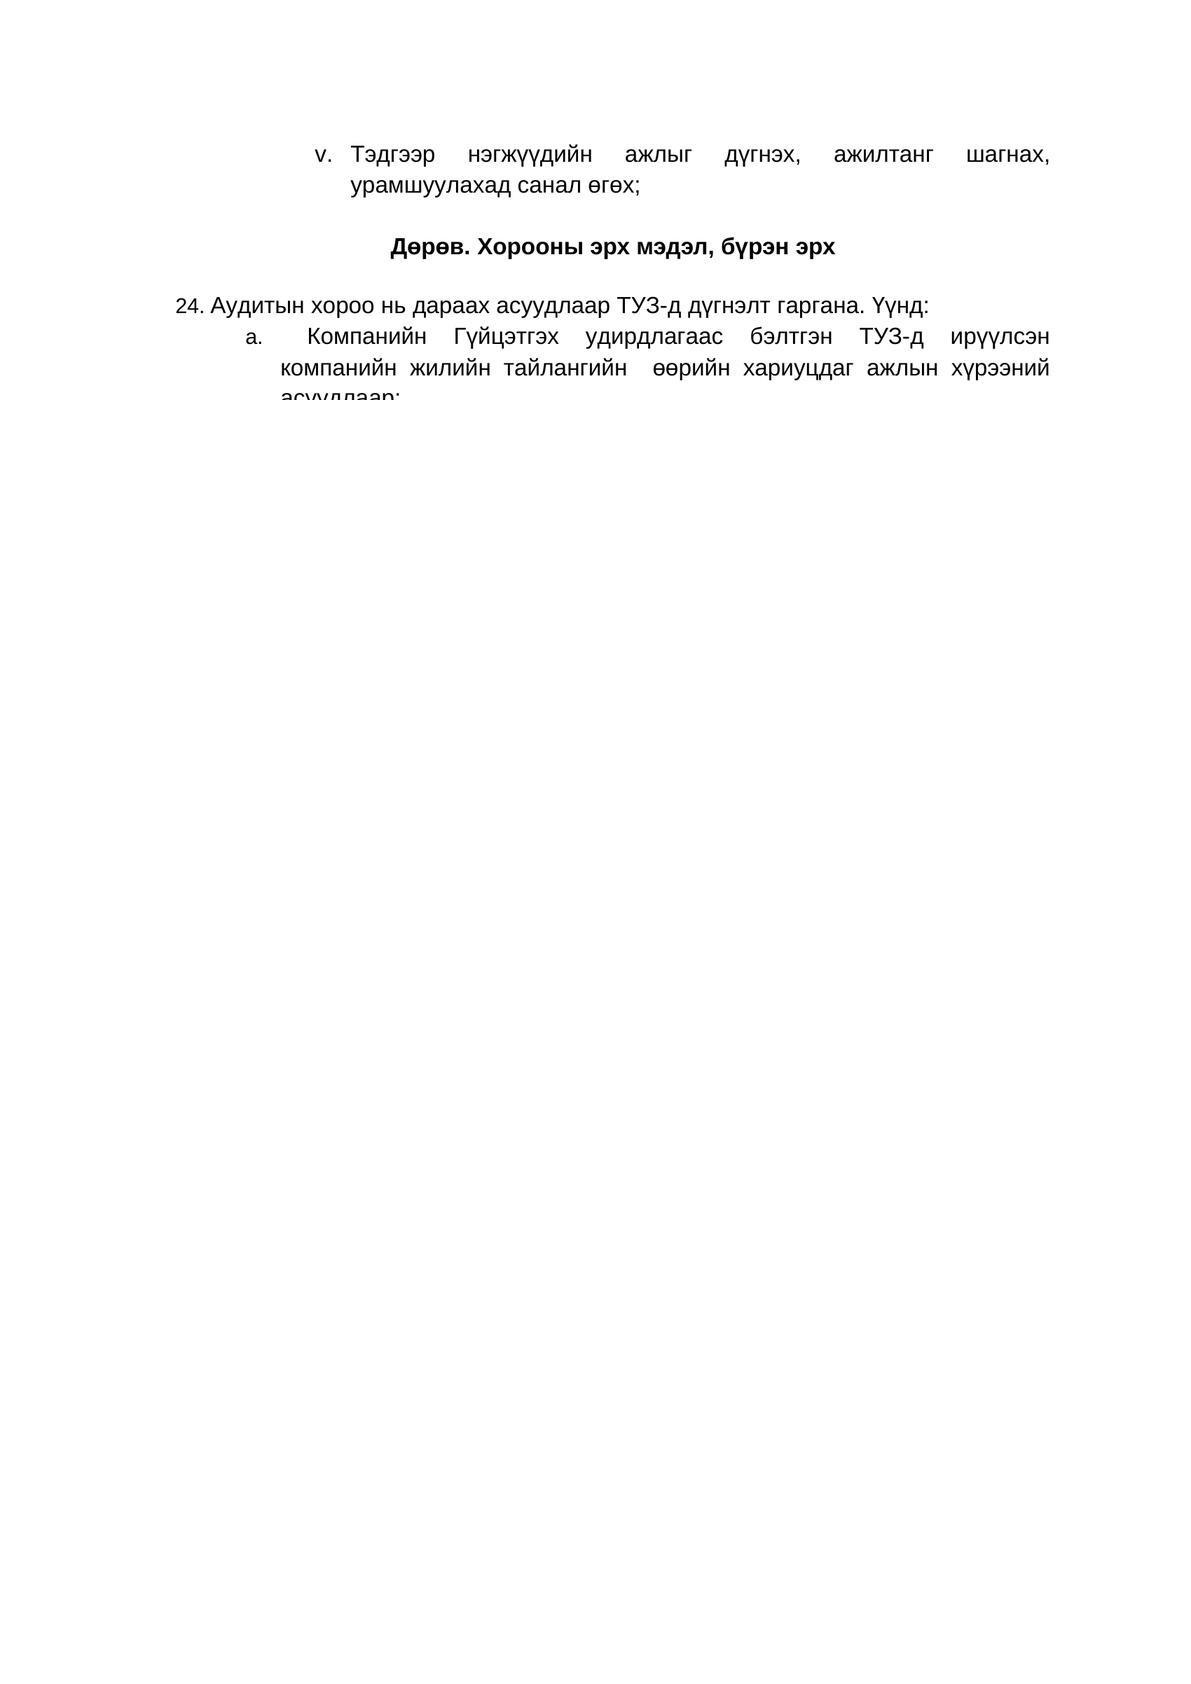 ТУЗ-ийн дэргэдэх Аудитын хорооны ажиллах журам-4